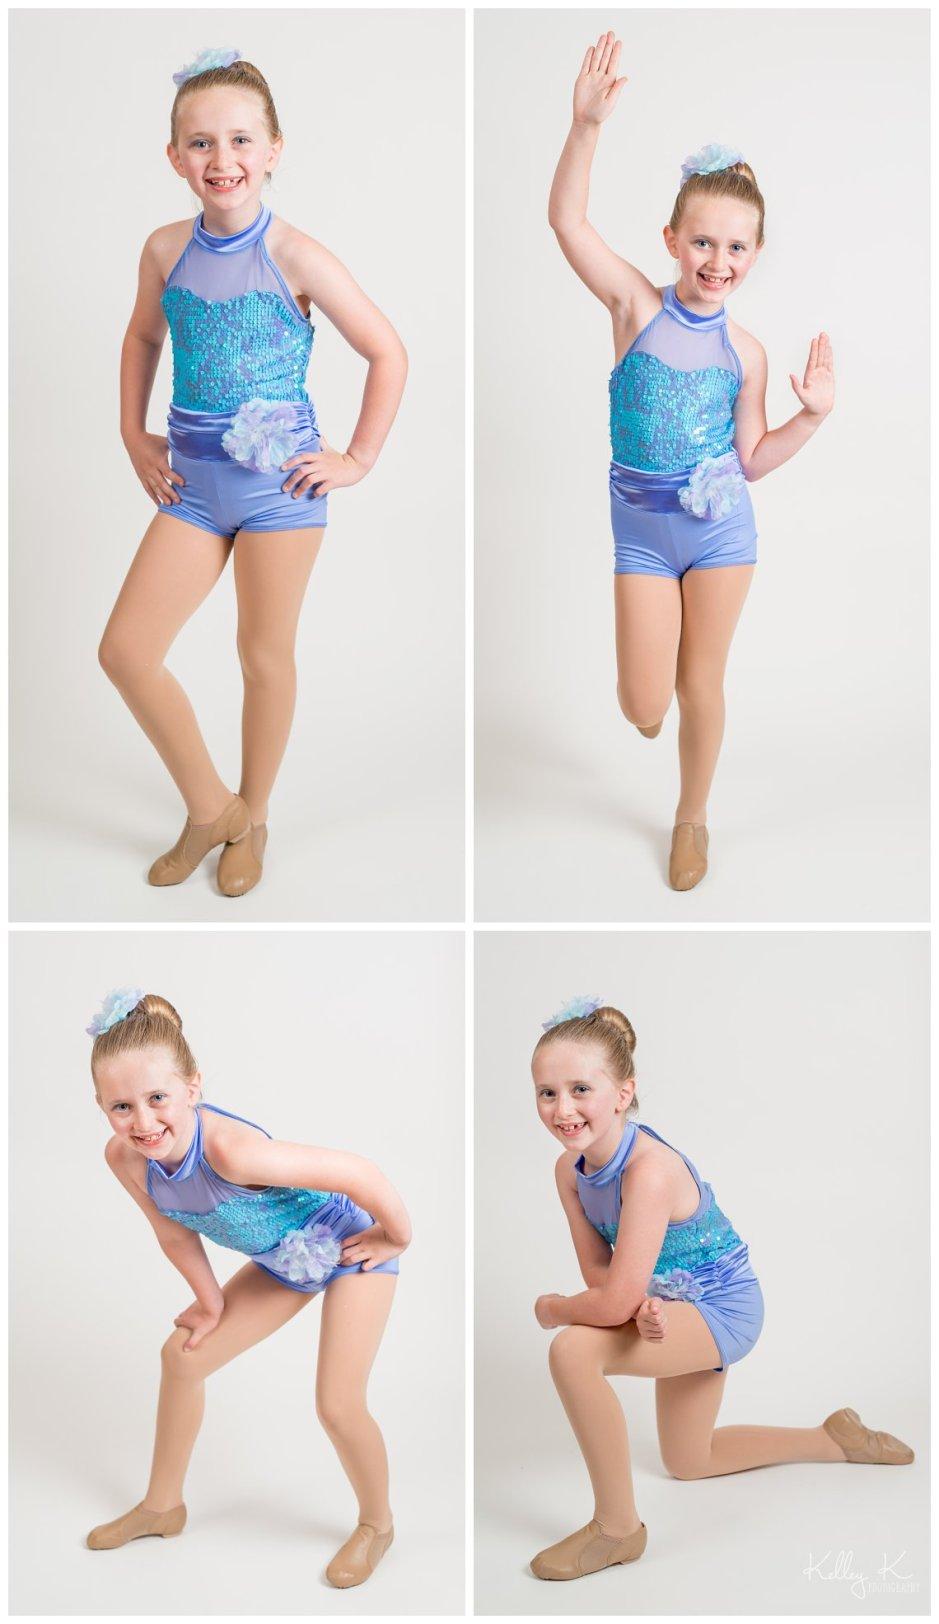 Children's Jazz Dance Portraits | Kelley K Photography Smyrna, GA